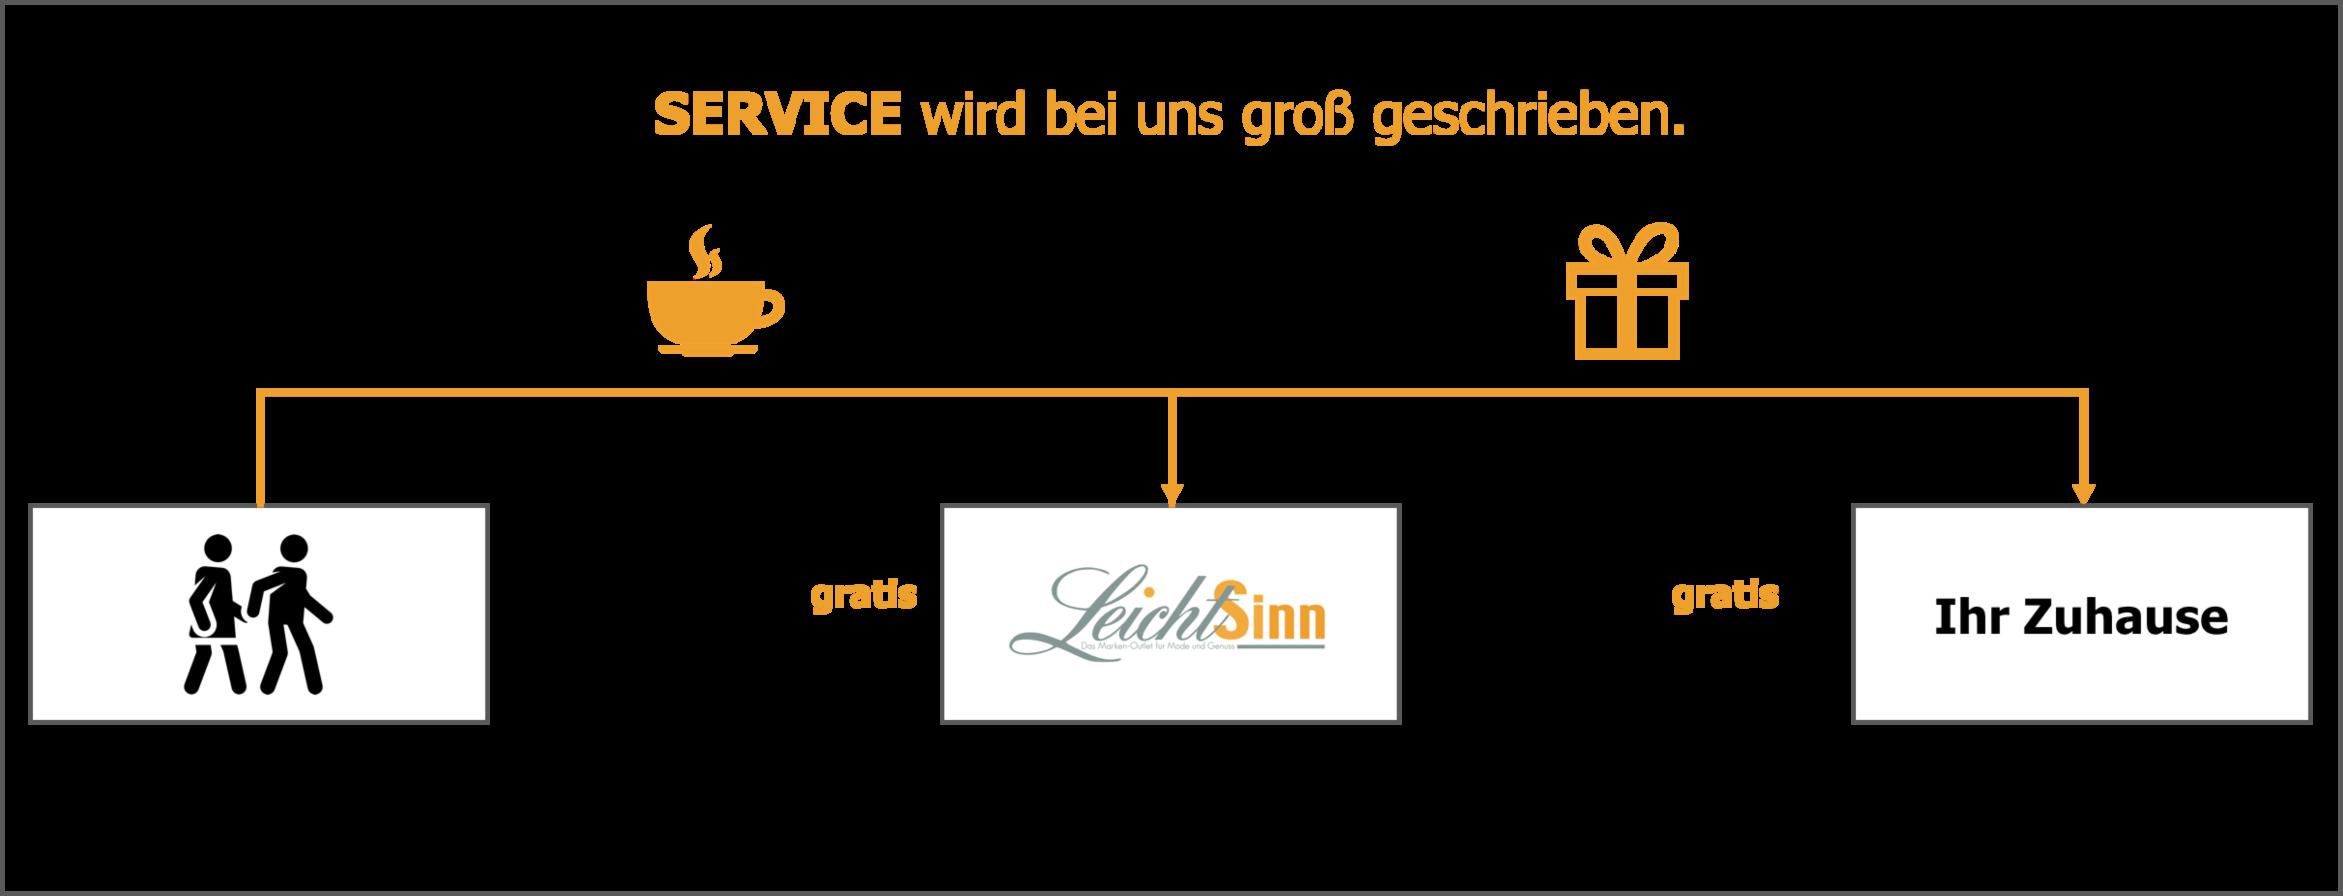 LeichtSinn - Das Marken-Outlet für Mode und Genuss.